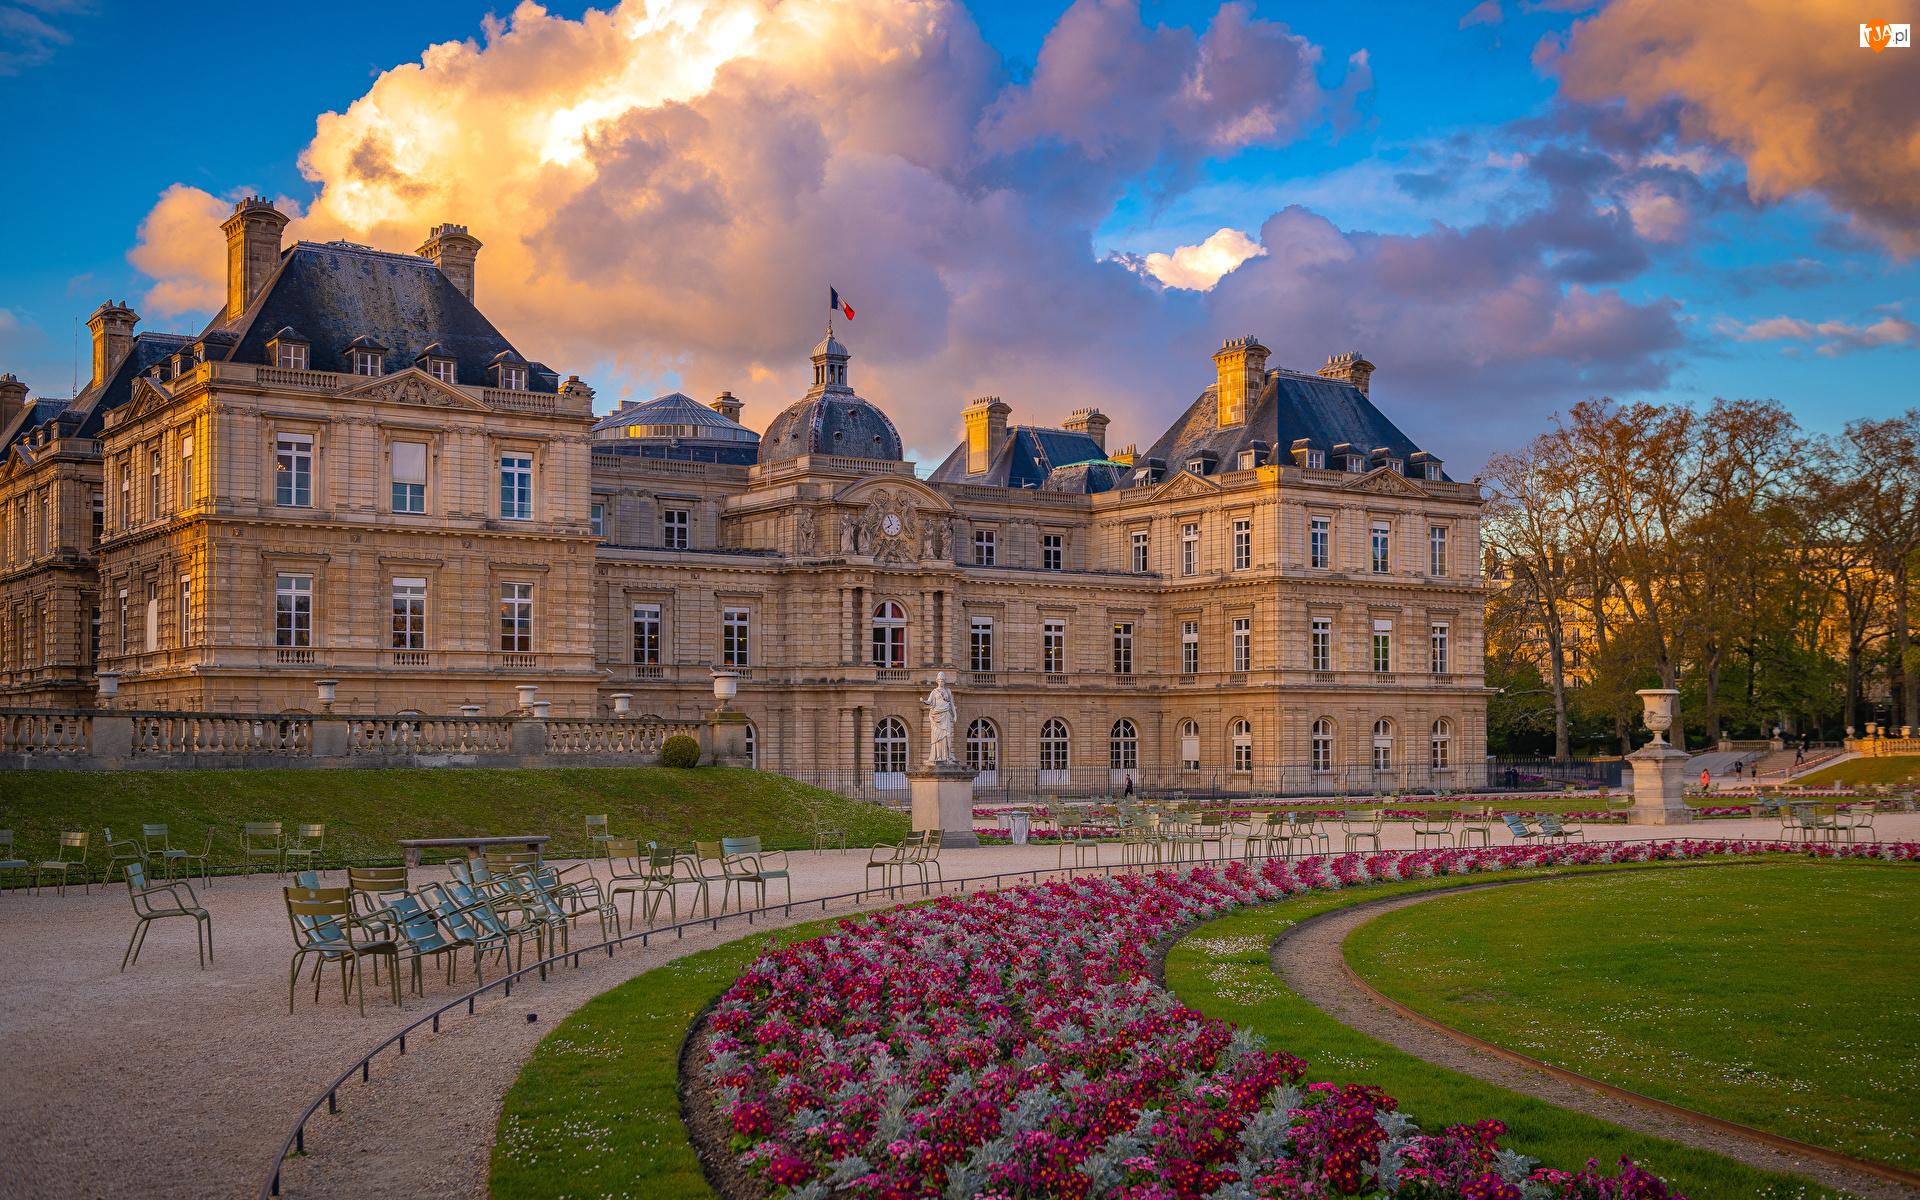 Kwiaty, Niebo, Francja, Ogród, Paryż, Pałac Luksemburski, Chmury